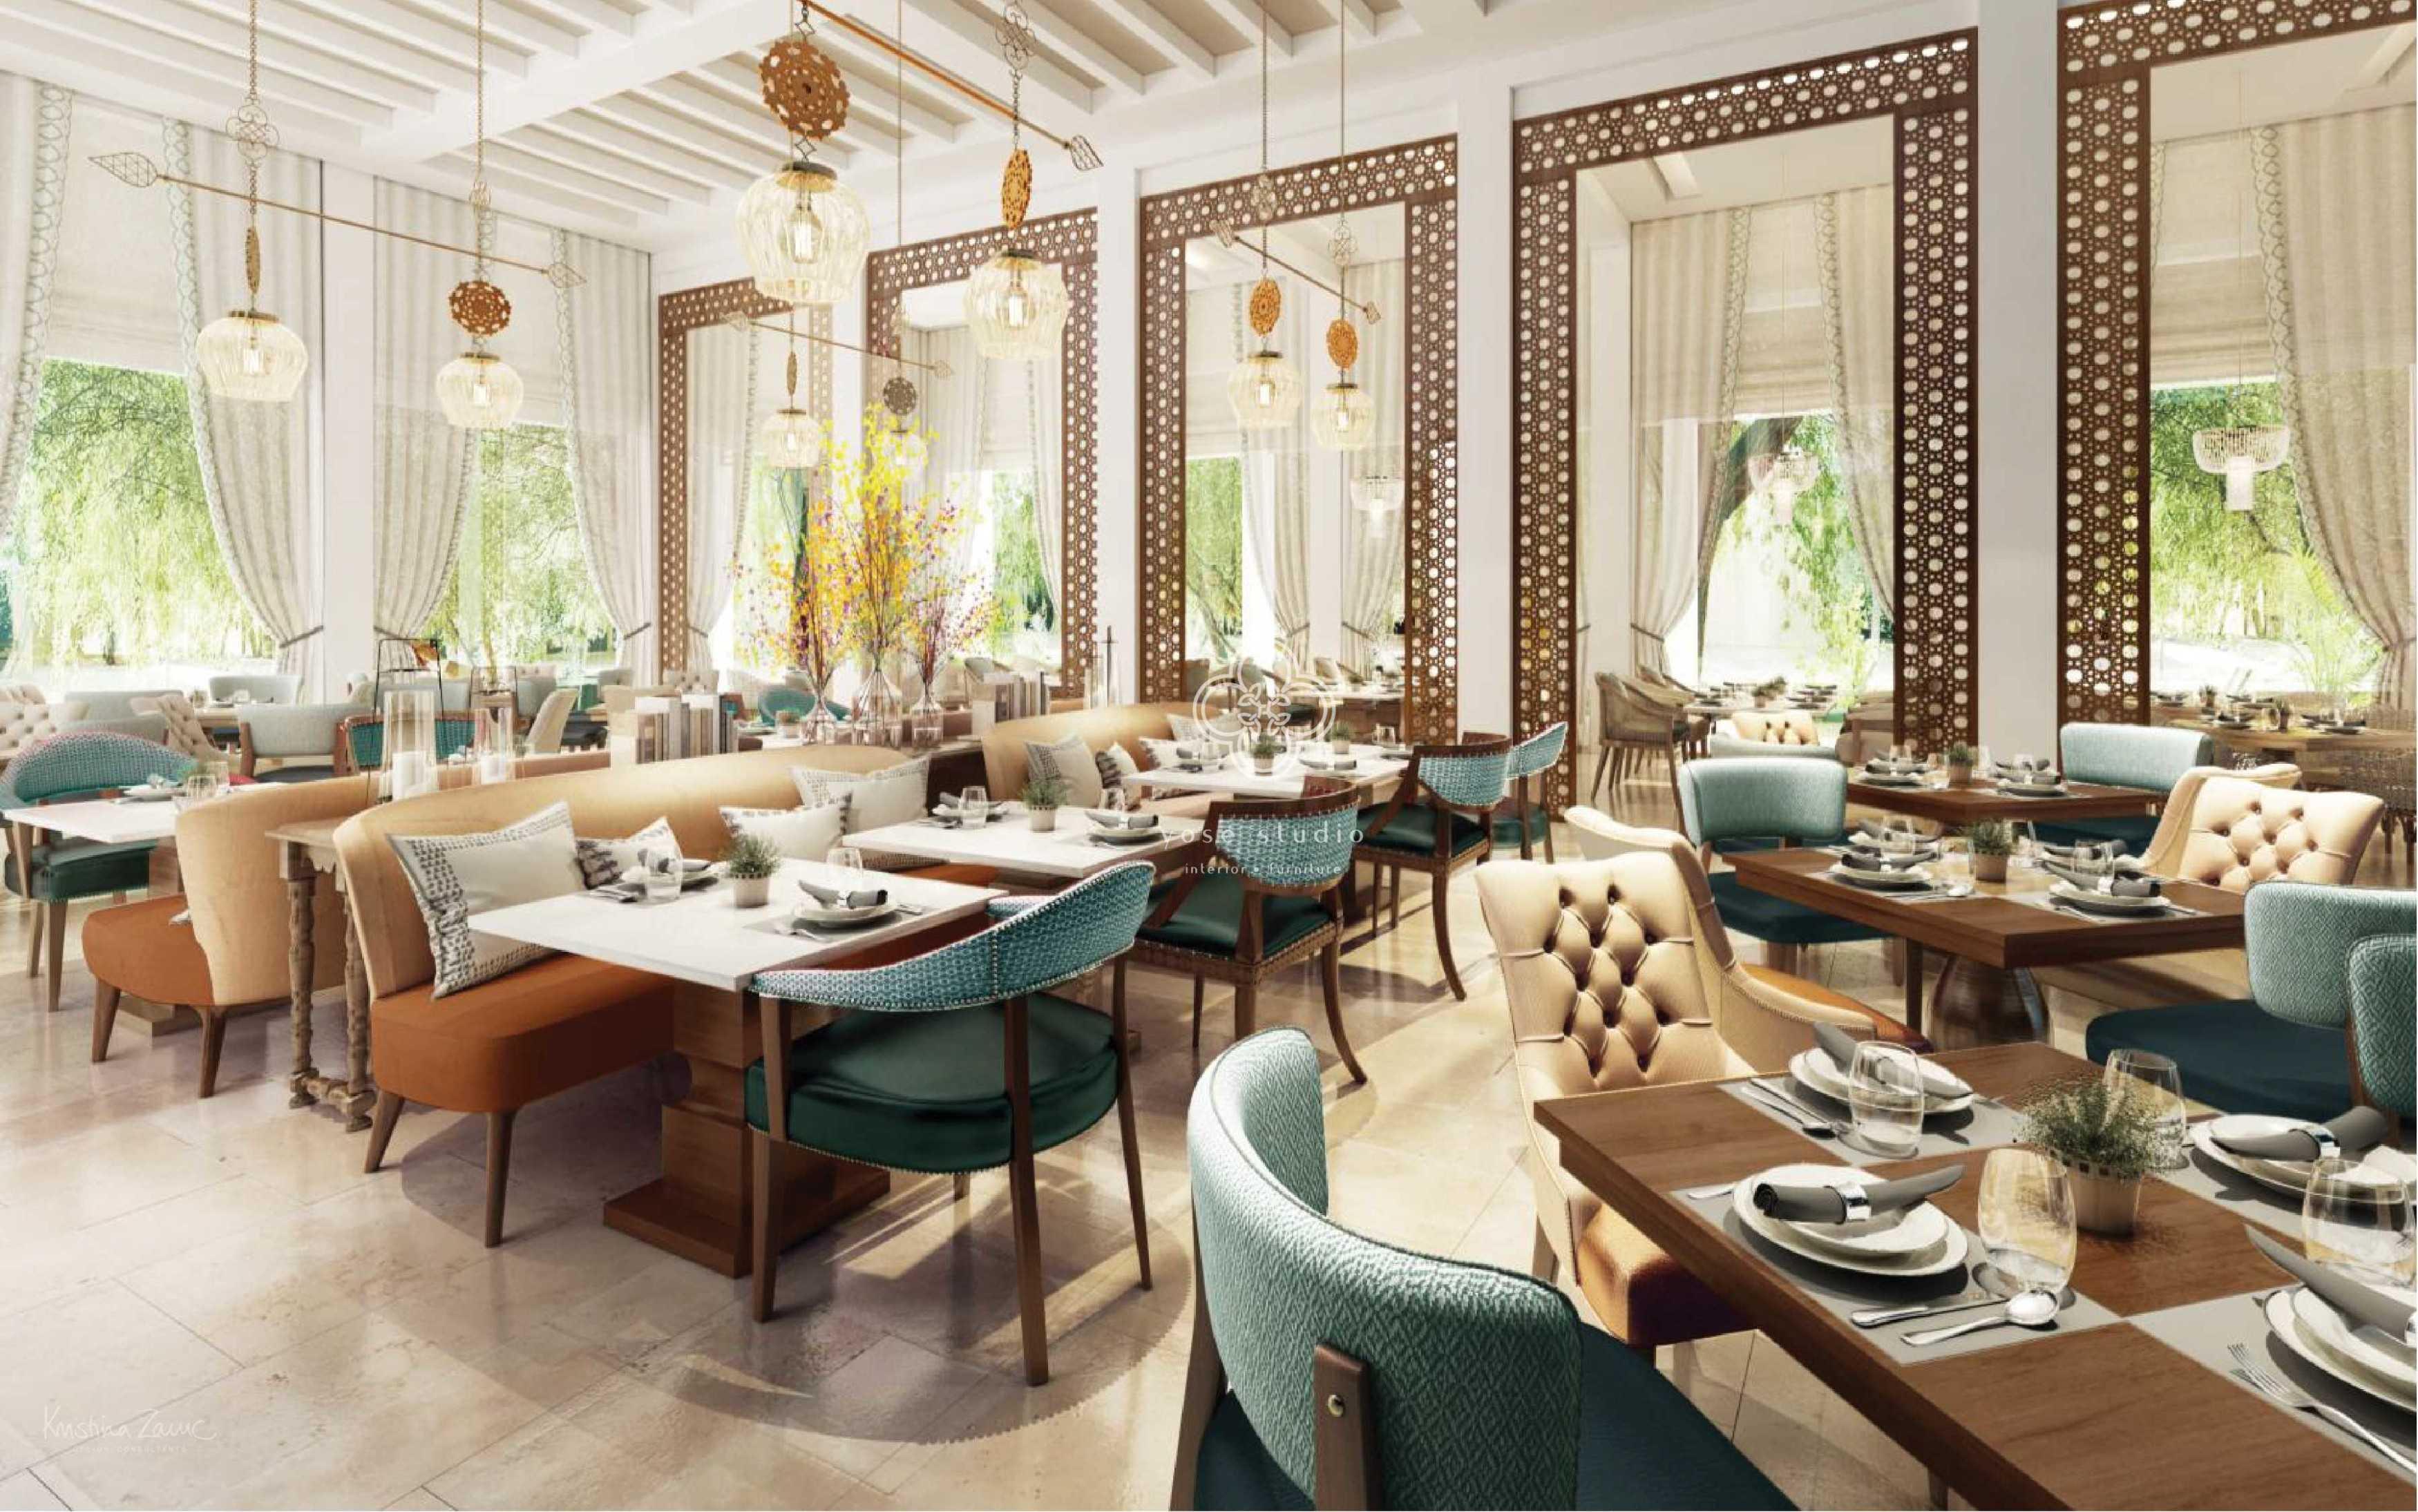 Yose Studio Ritz Carlton Al Wadi Uni Emirat Arab Uni Emirat Arab Yose-Studio-Ritz-Carlton-Al-Wadi   109785